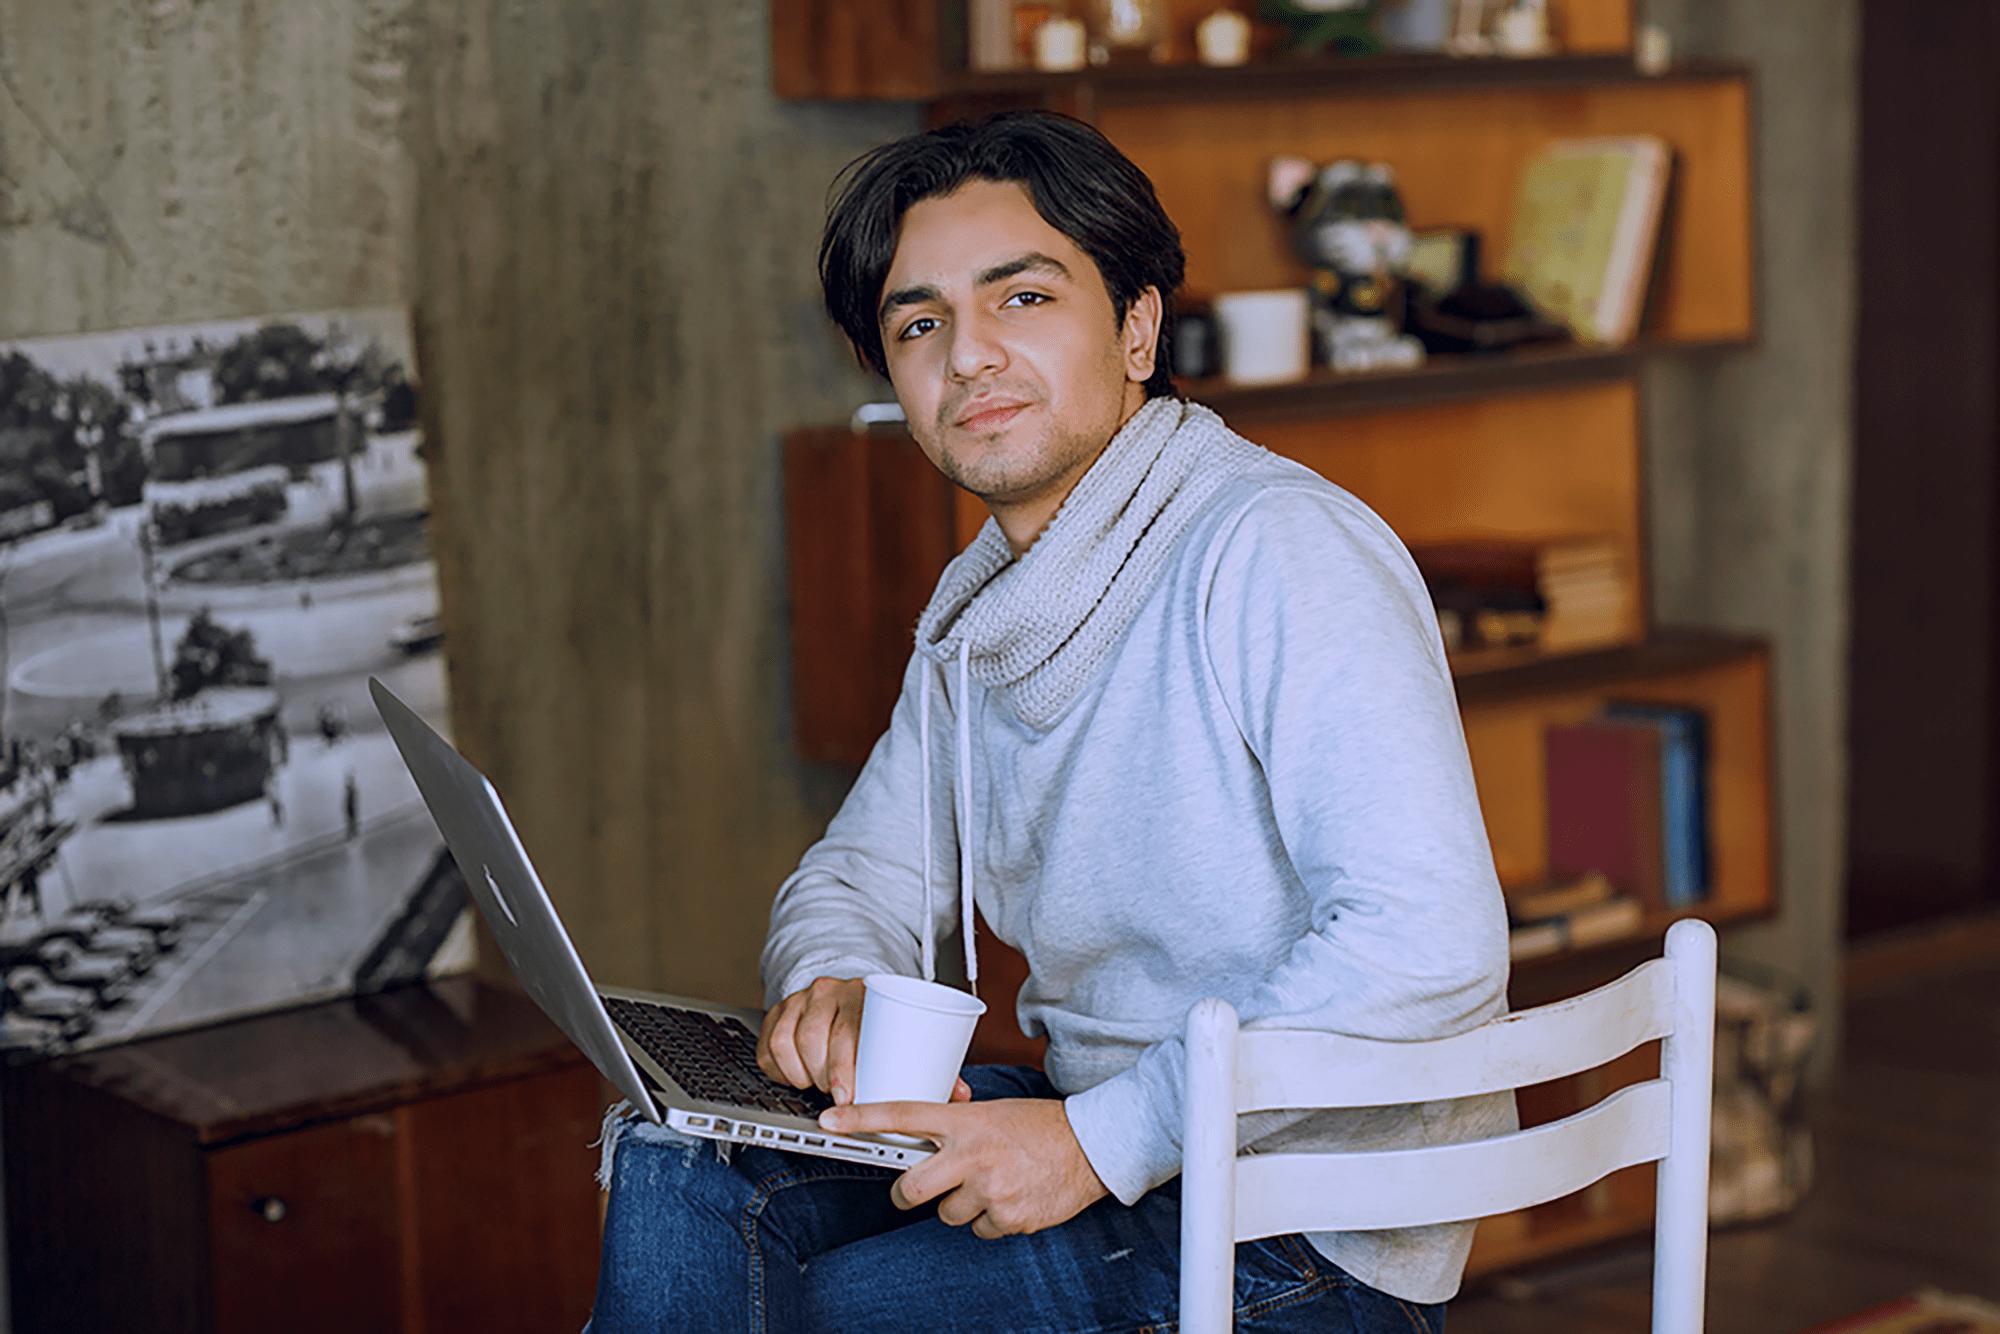 Kapitały, mężczyzna przy laptopie, varico